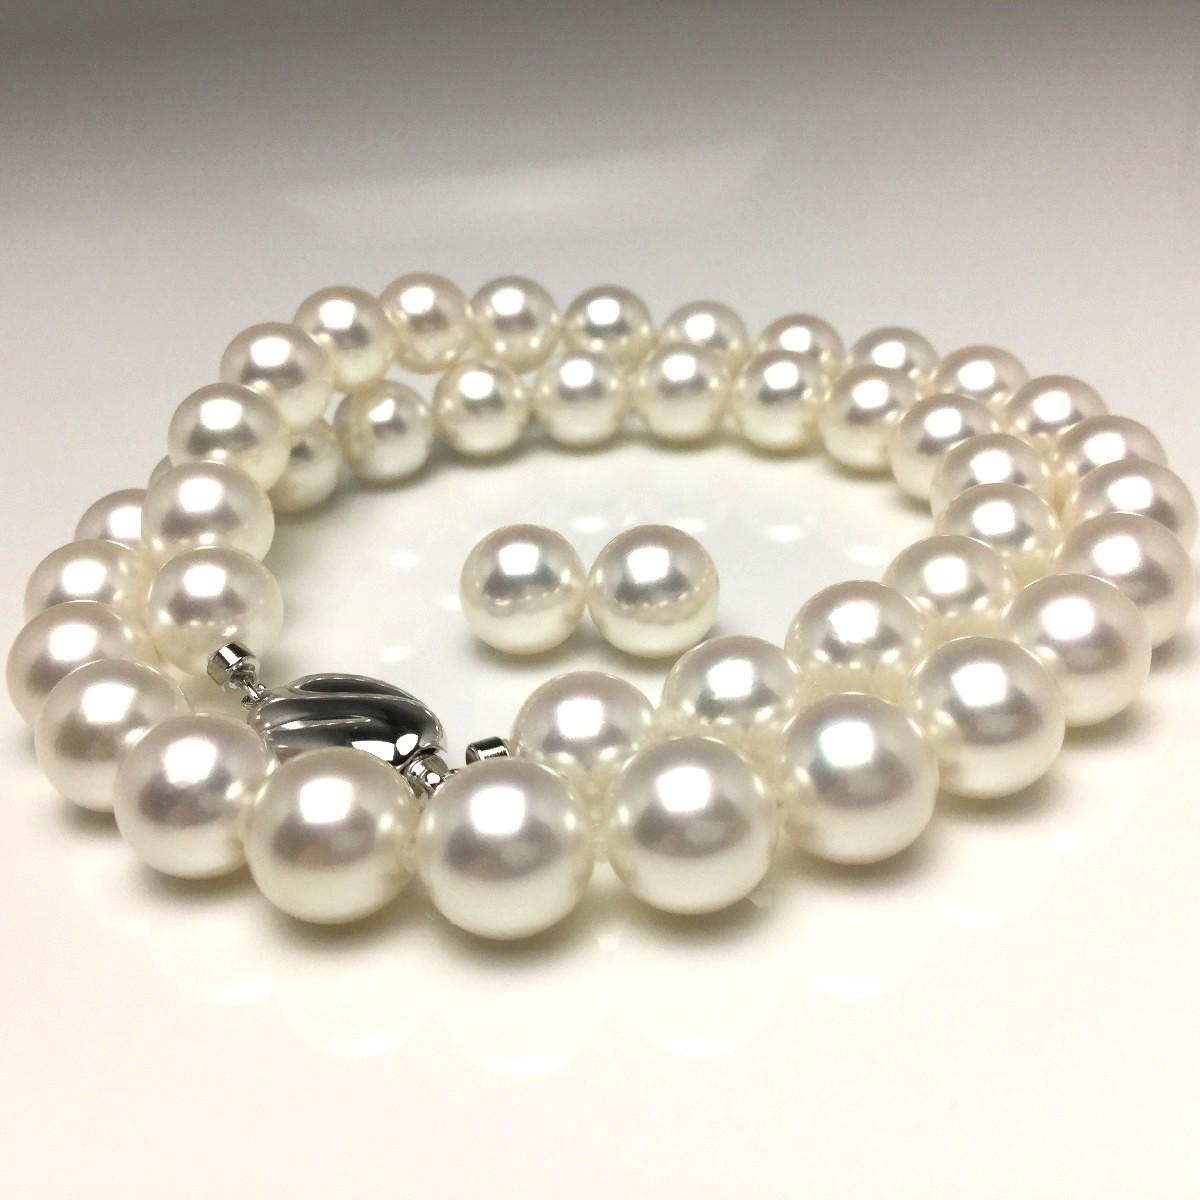 真珠 ネックレス パール オーロラ・花珠 無調色 アコヤ真珠 イヤリング or ピアス セット 9.0-9.5mm ホワイト(ナチュラルカラー) シルバー クラスップ 67135 イソワパール